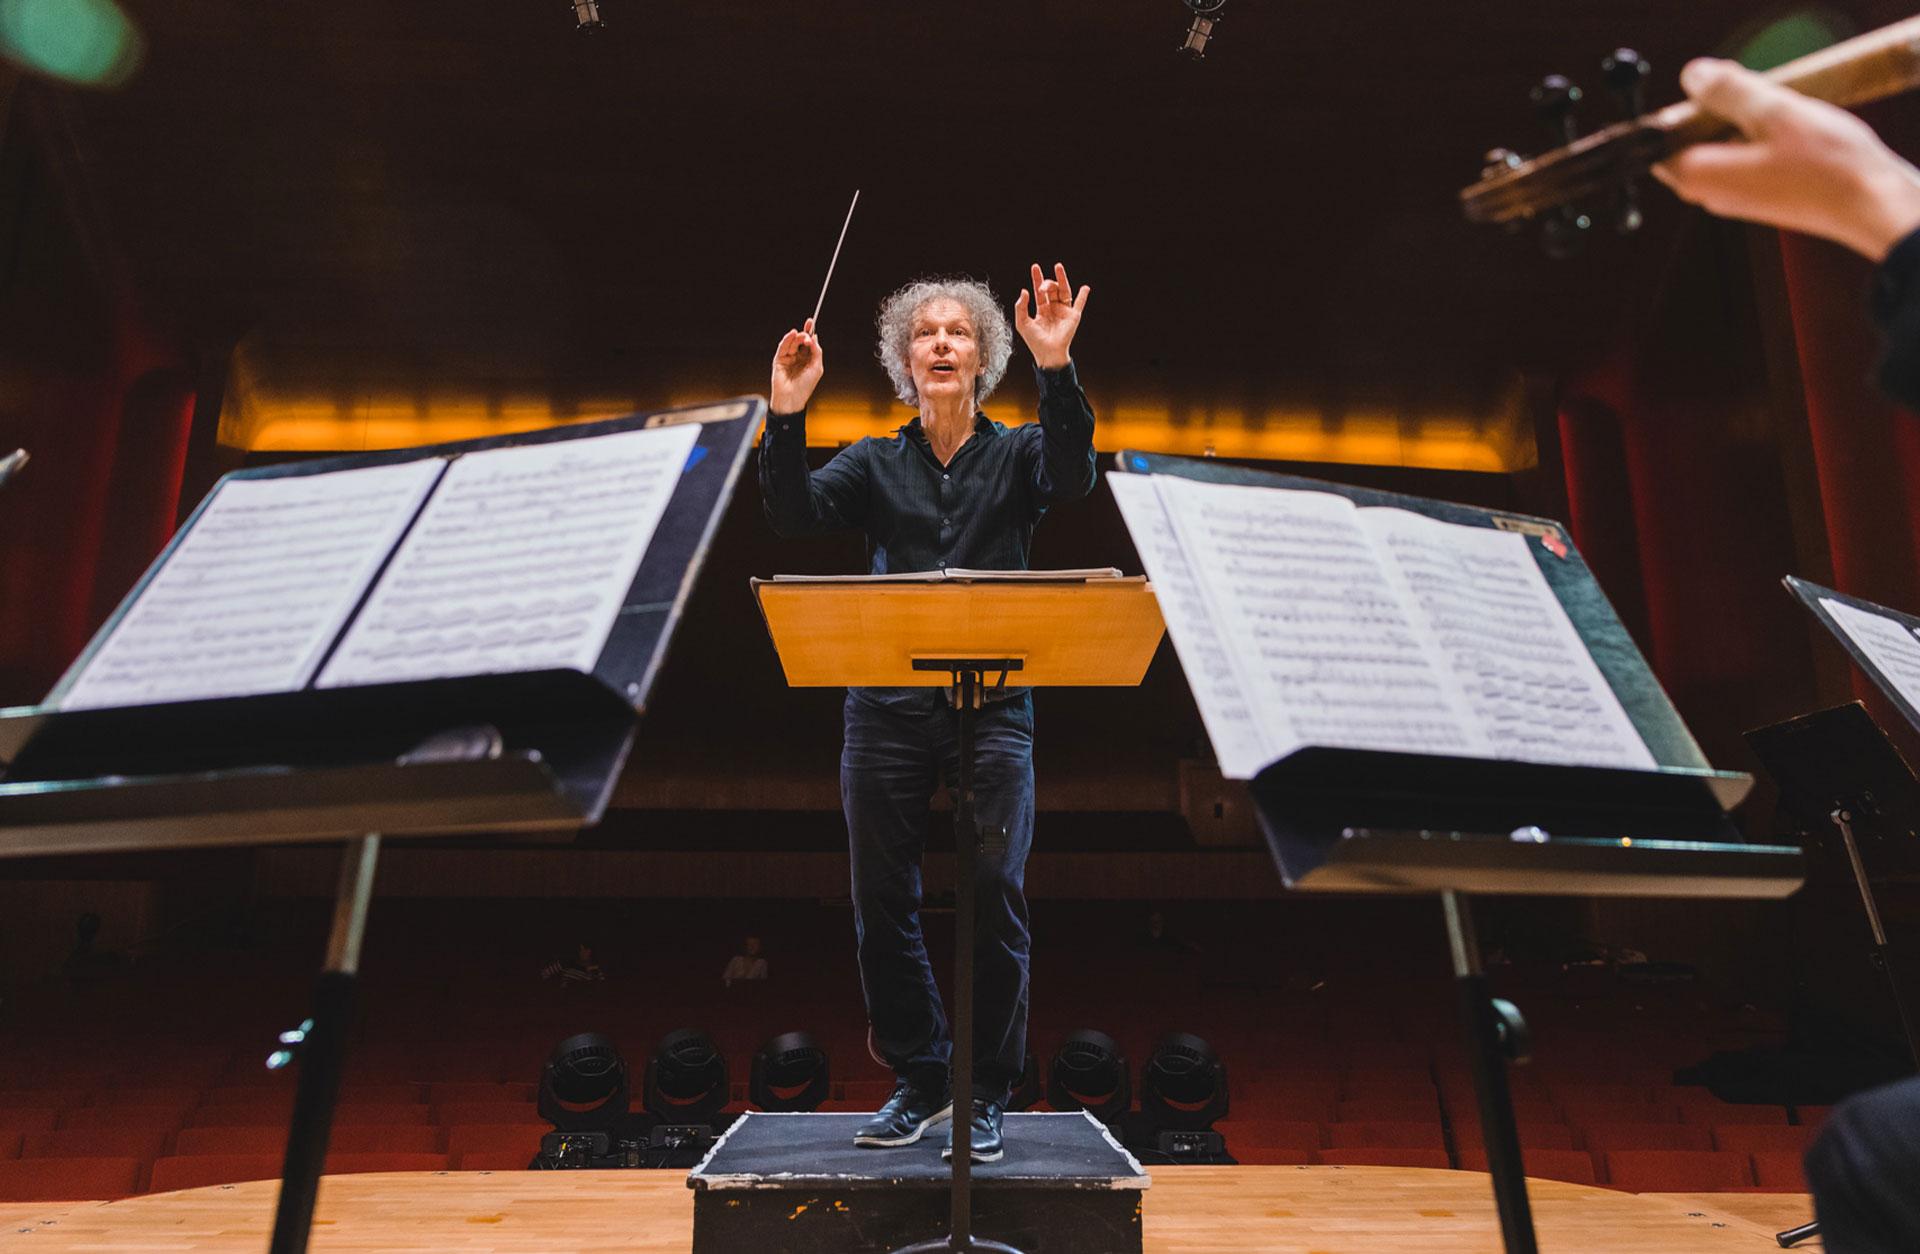 Simon Kim Phipps står på pulten och dirigerar